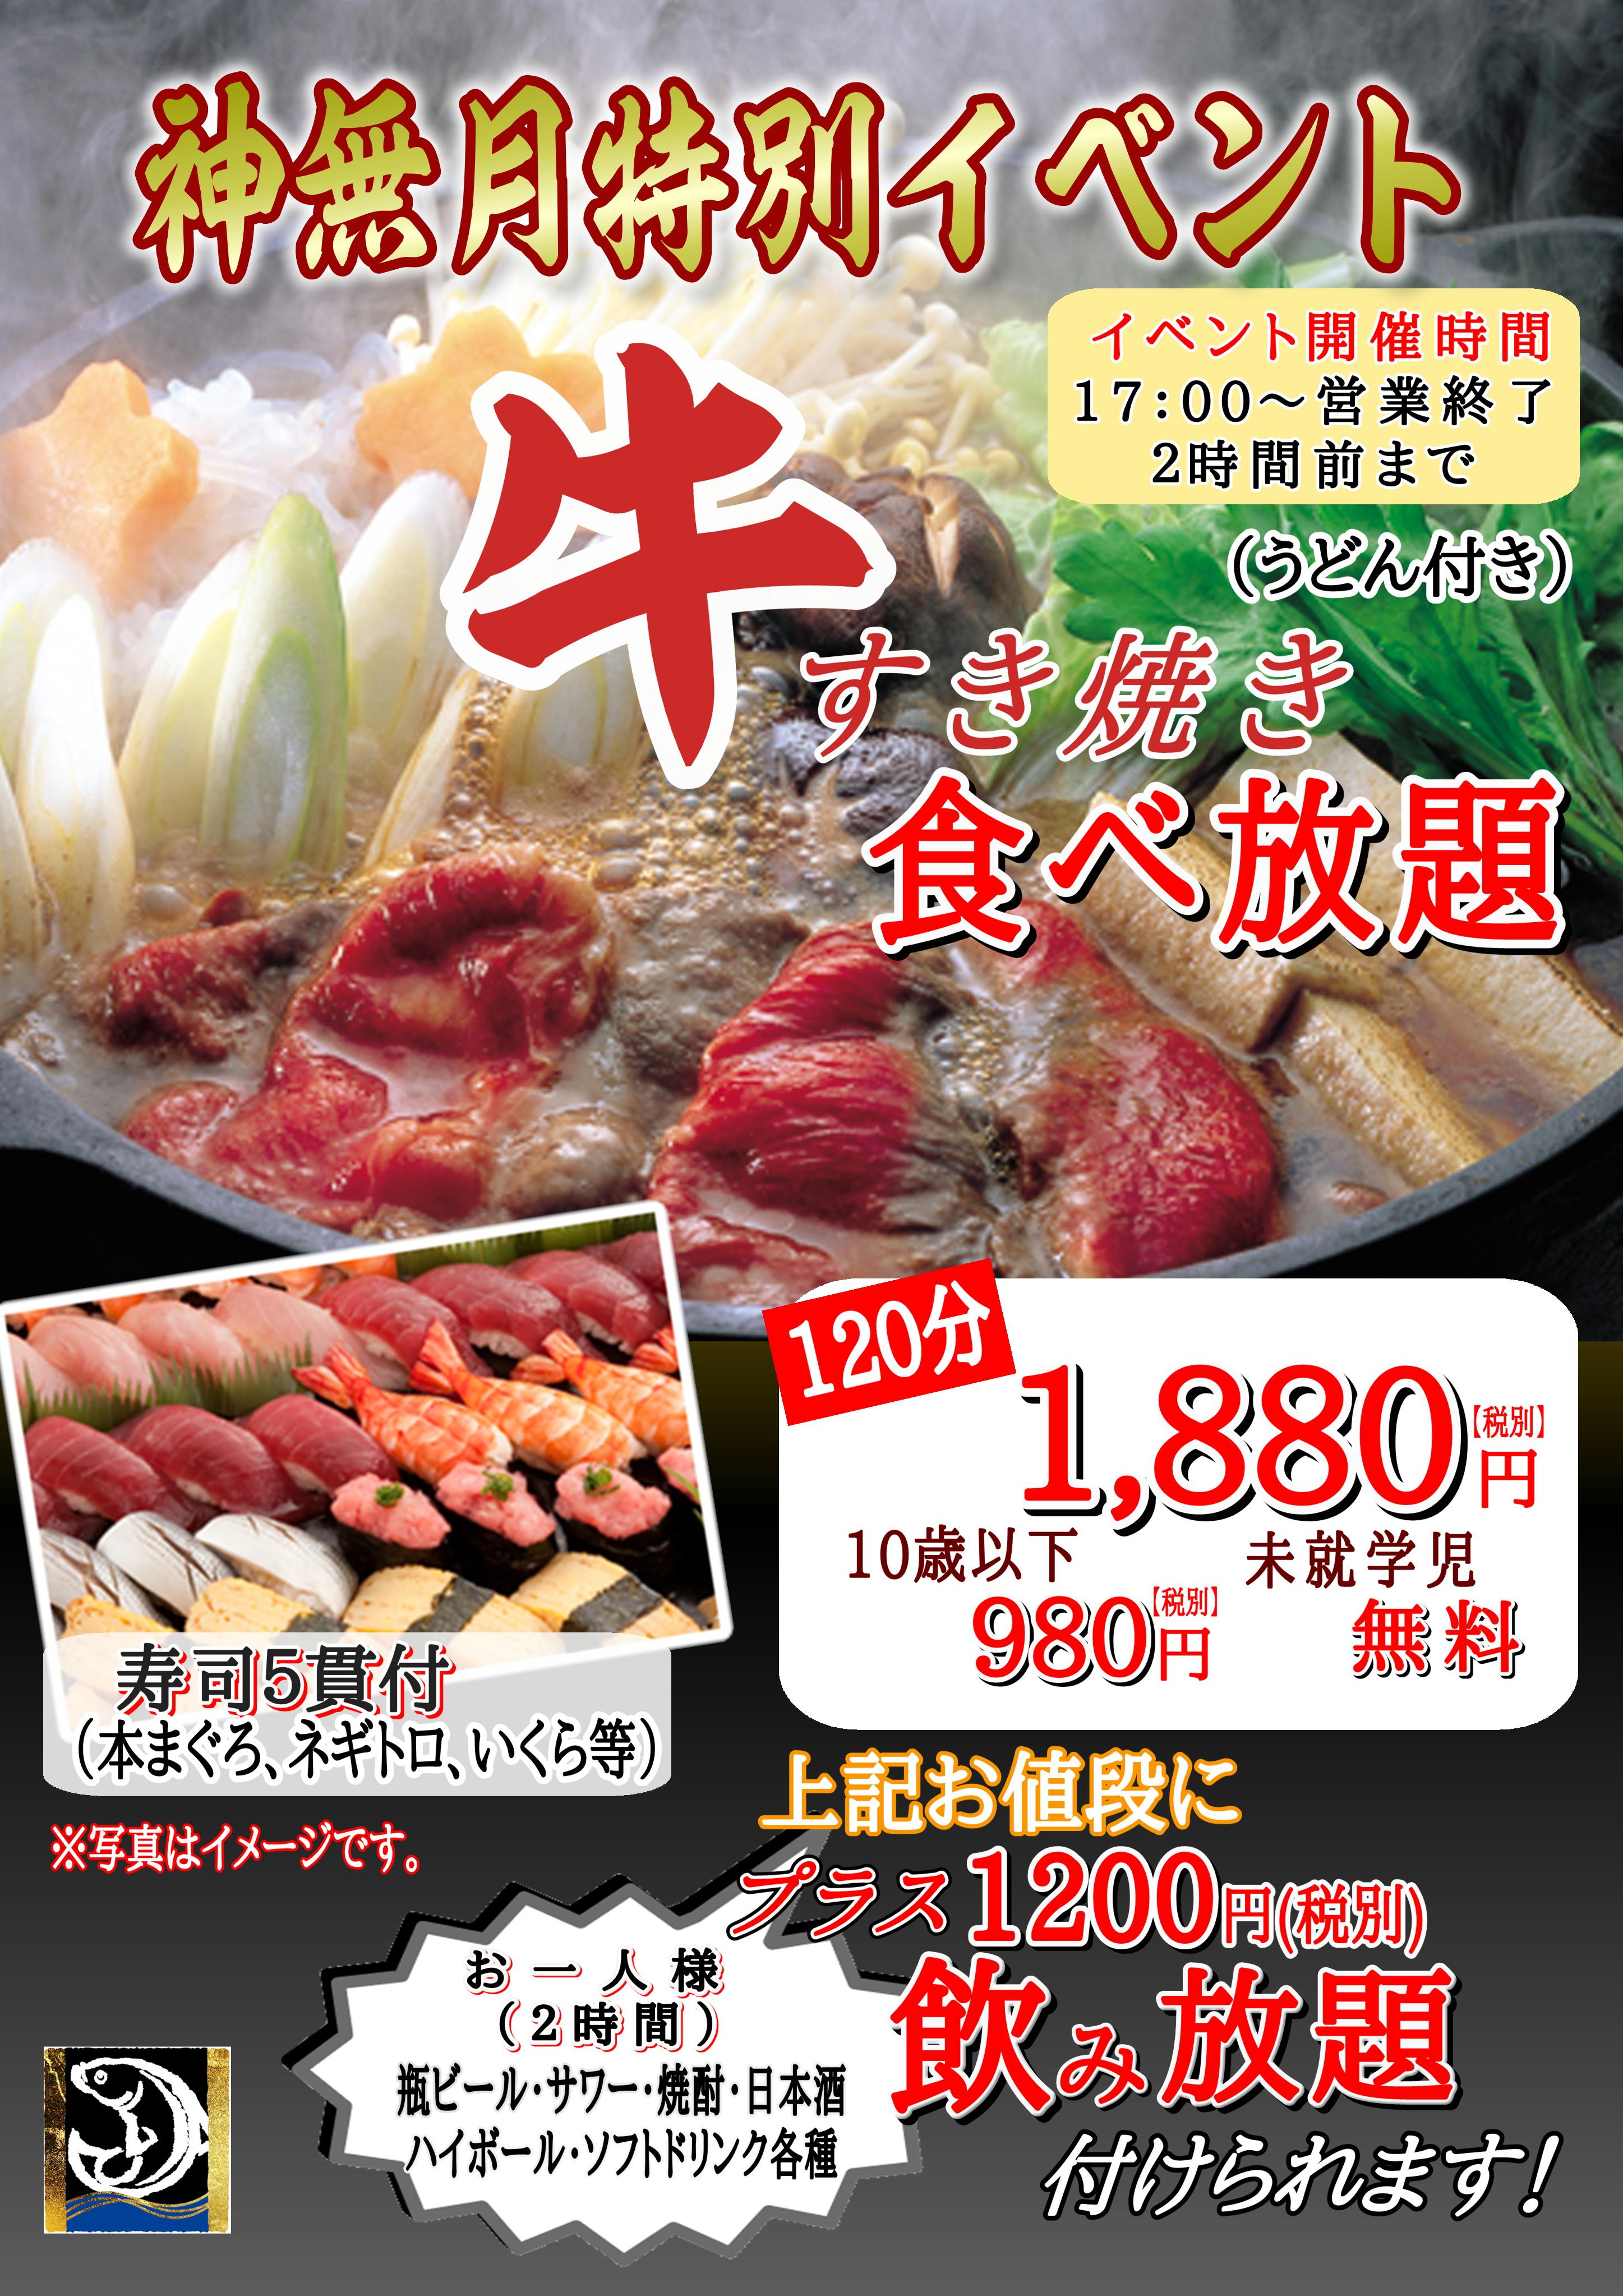 【日本海庄や】神無月特別イベント★牛すき焼き食べ放題★